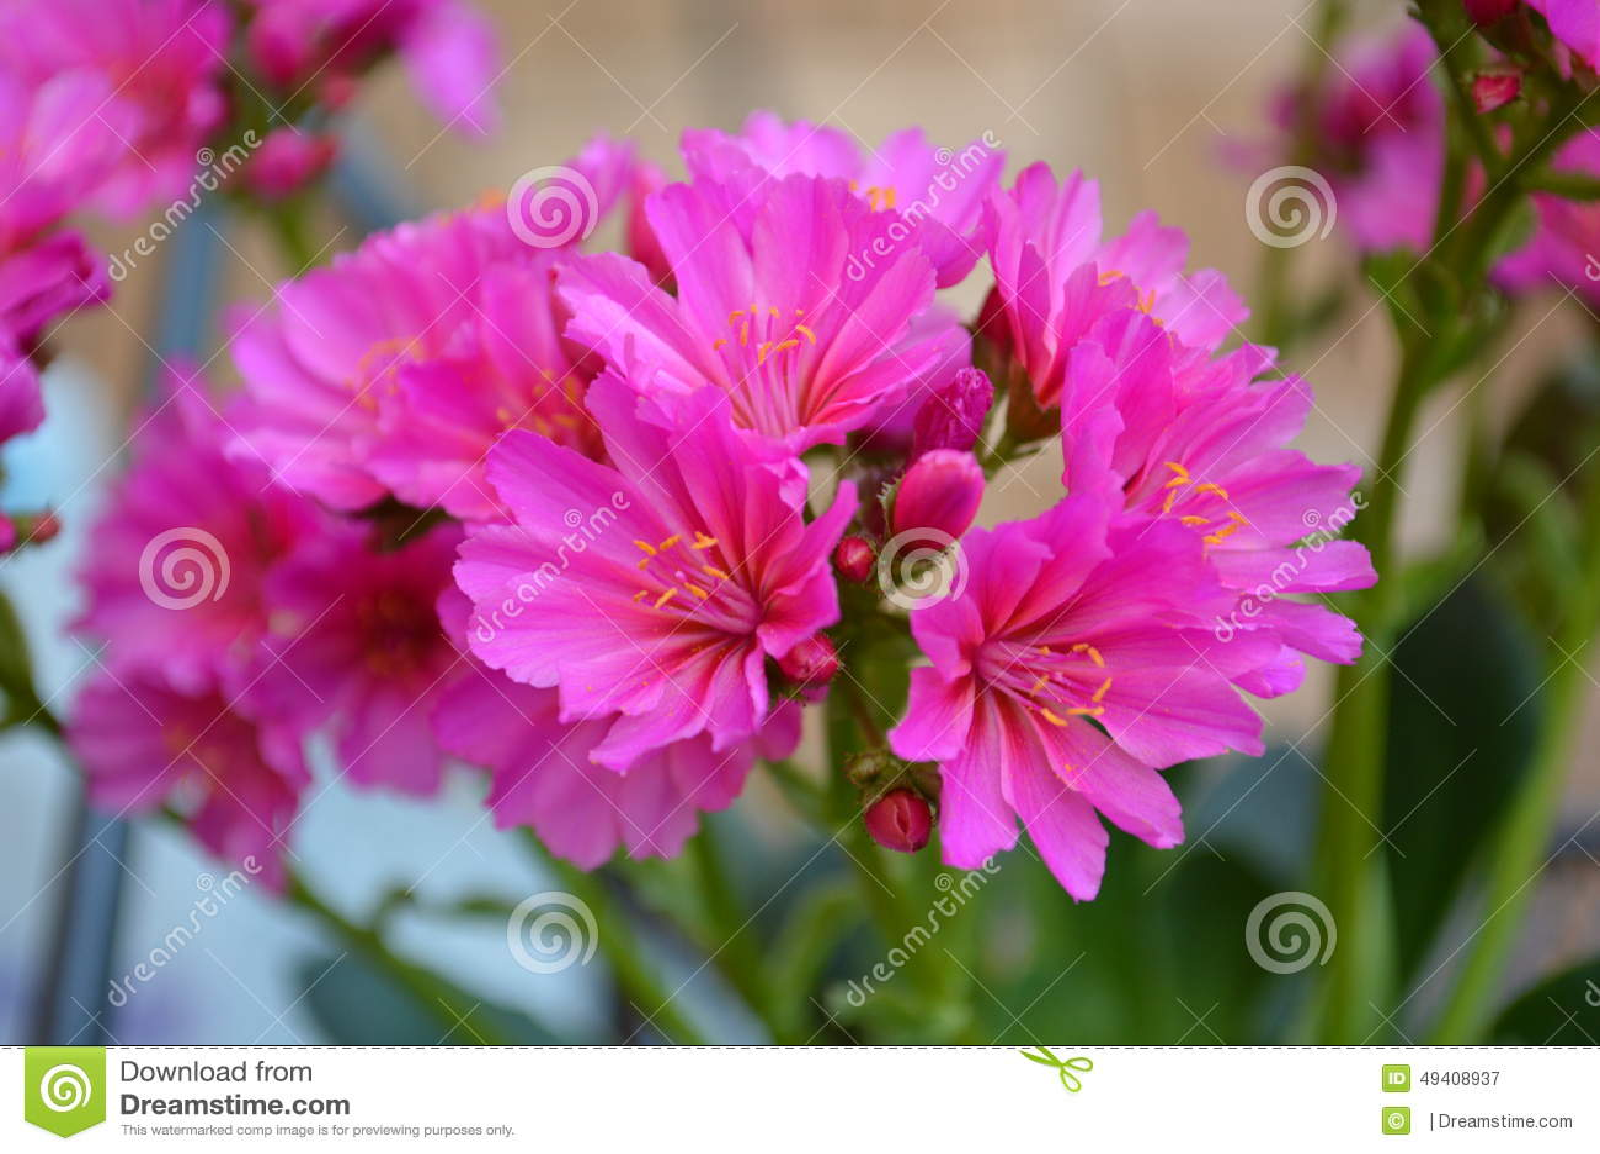 Download Rosa Blume stockbild. Bild von makro, grün, blumen, notwendigkeiten - 49408937